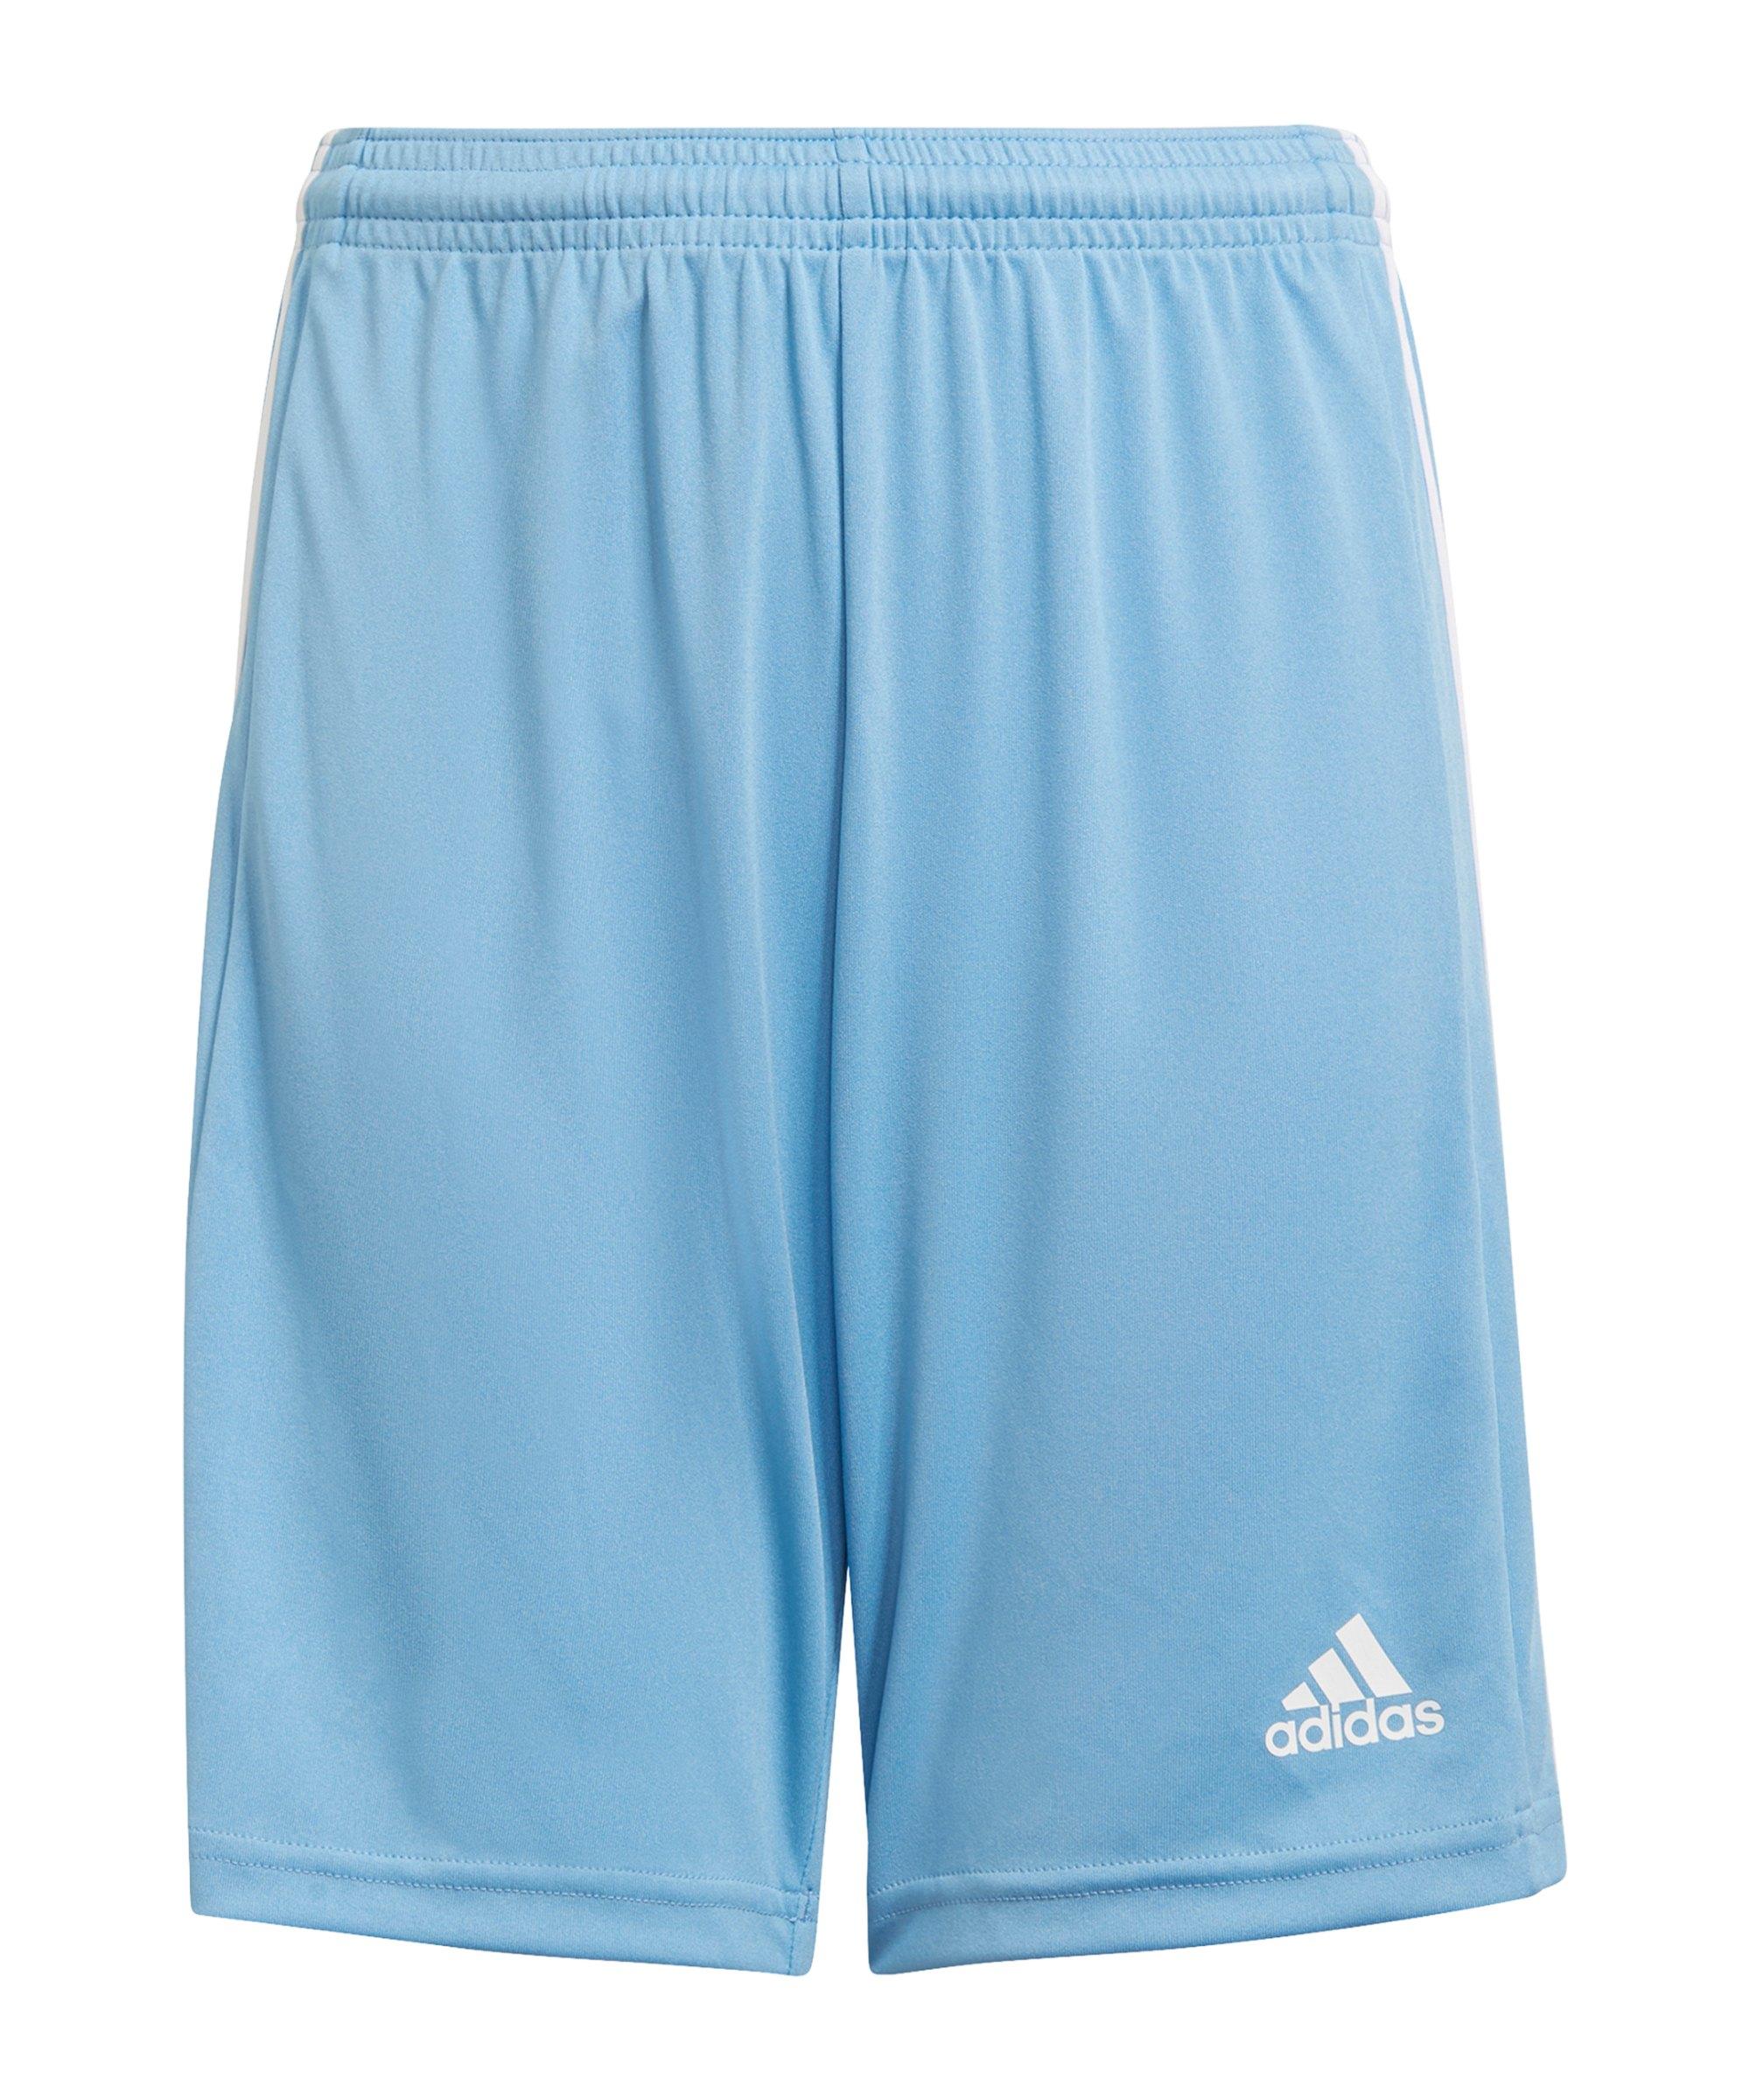 adidas Squadra 21 Short Kids Blau - blau